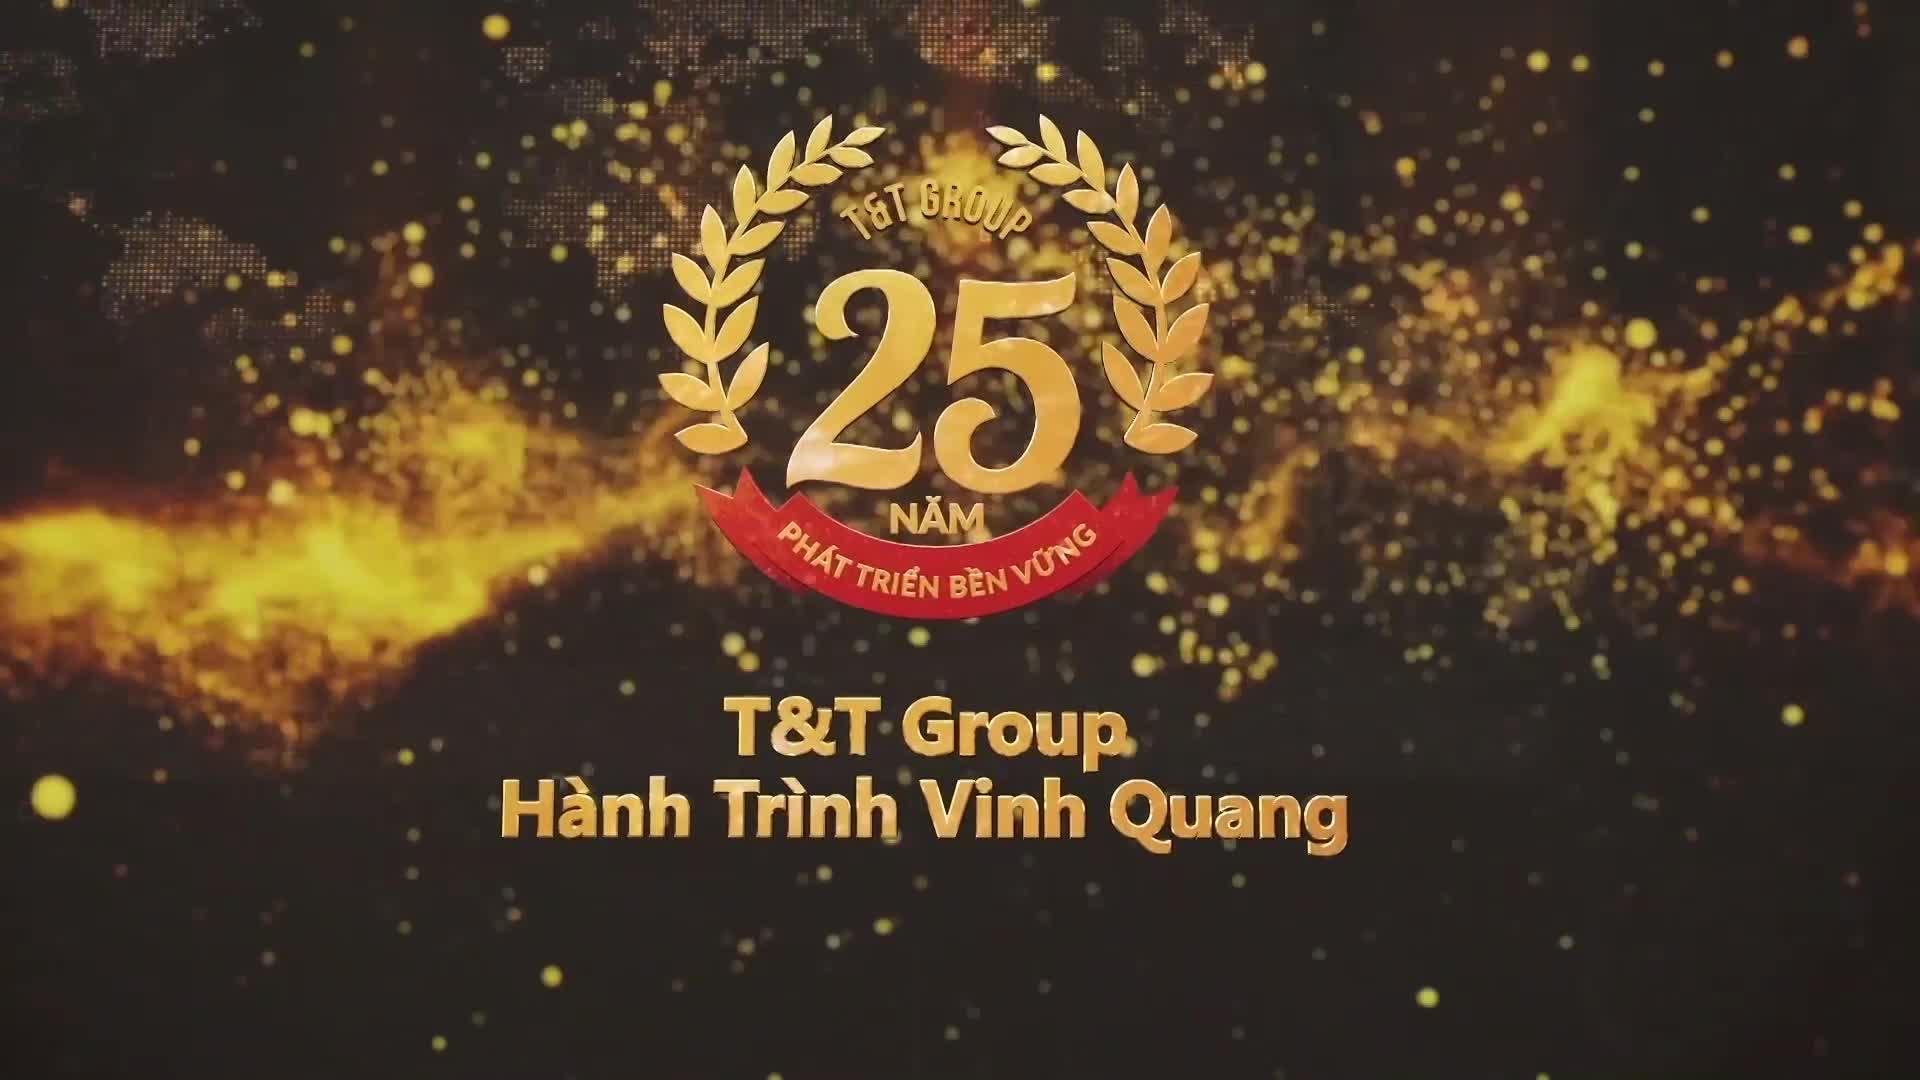 Nhìn lại hành trình vinh quang của T&T Group